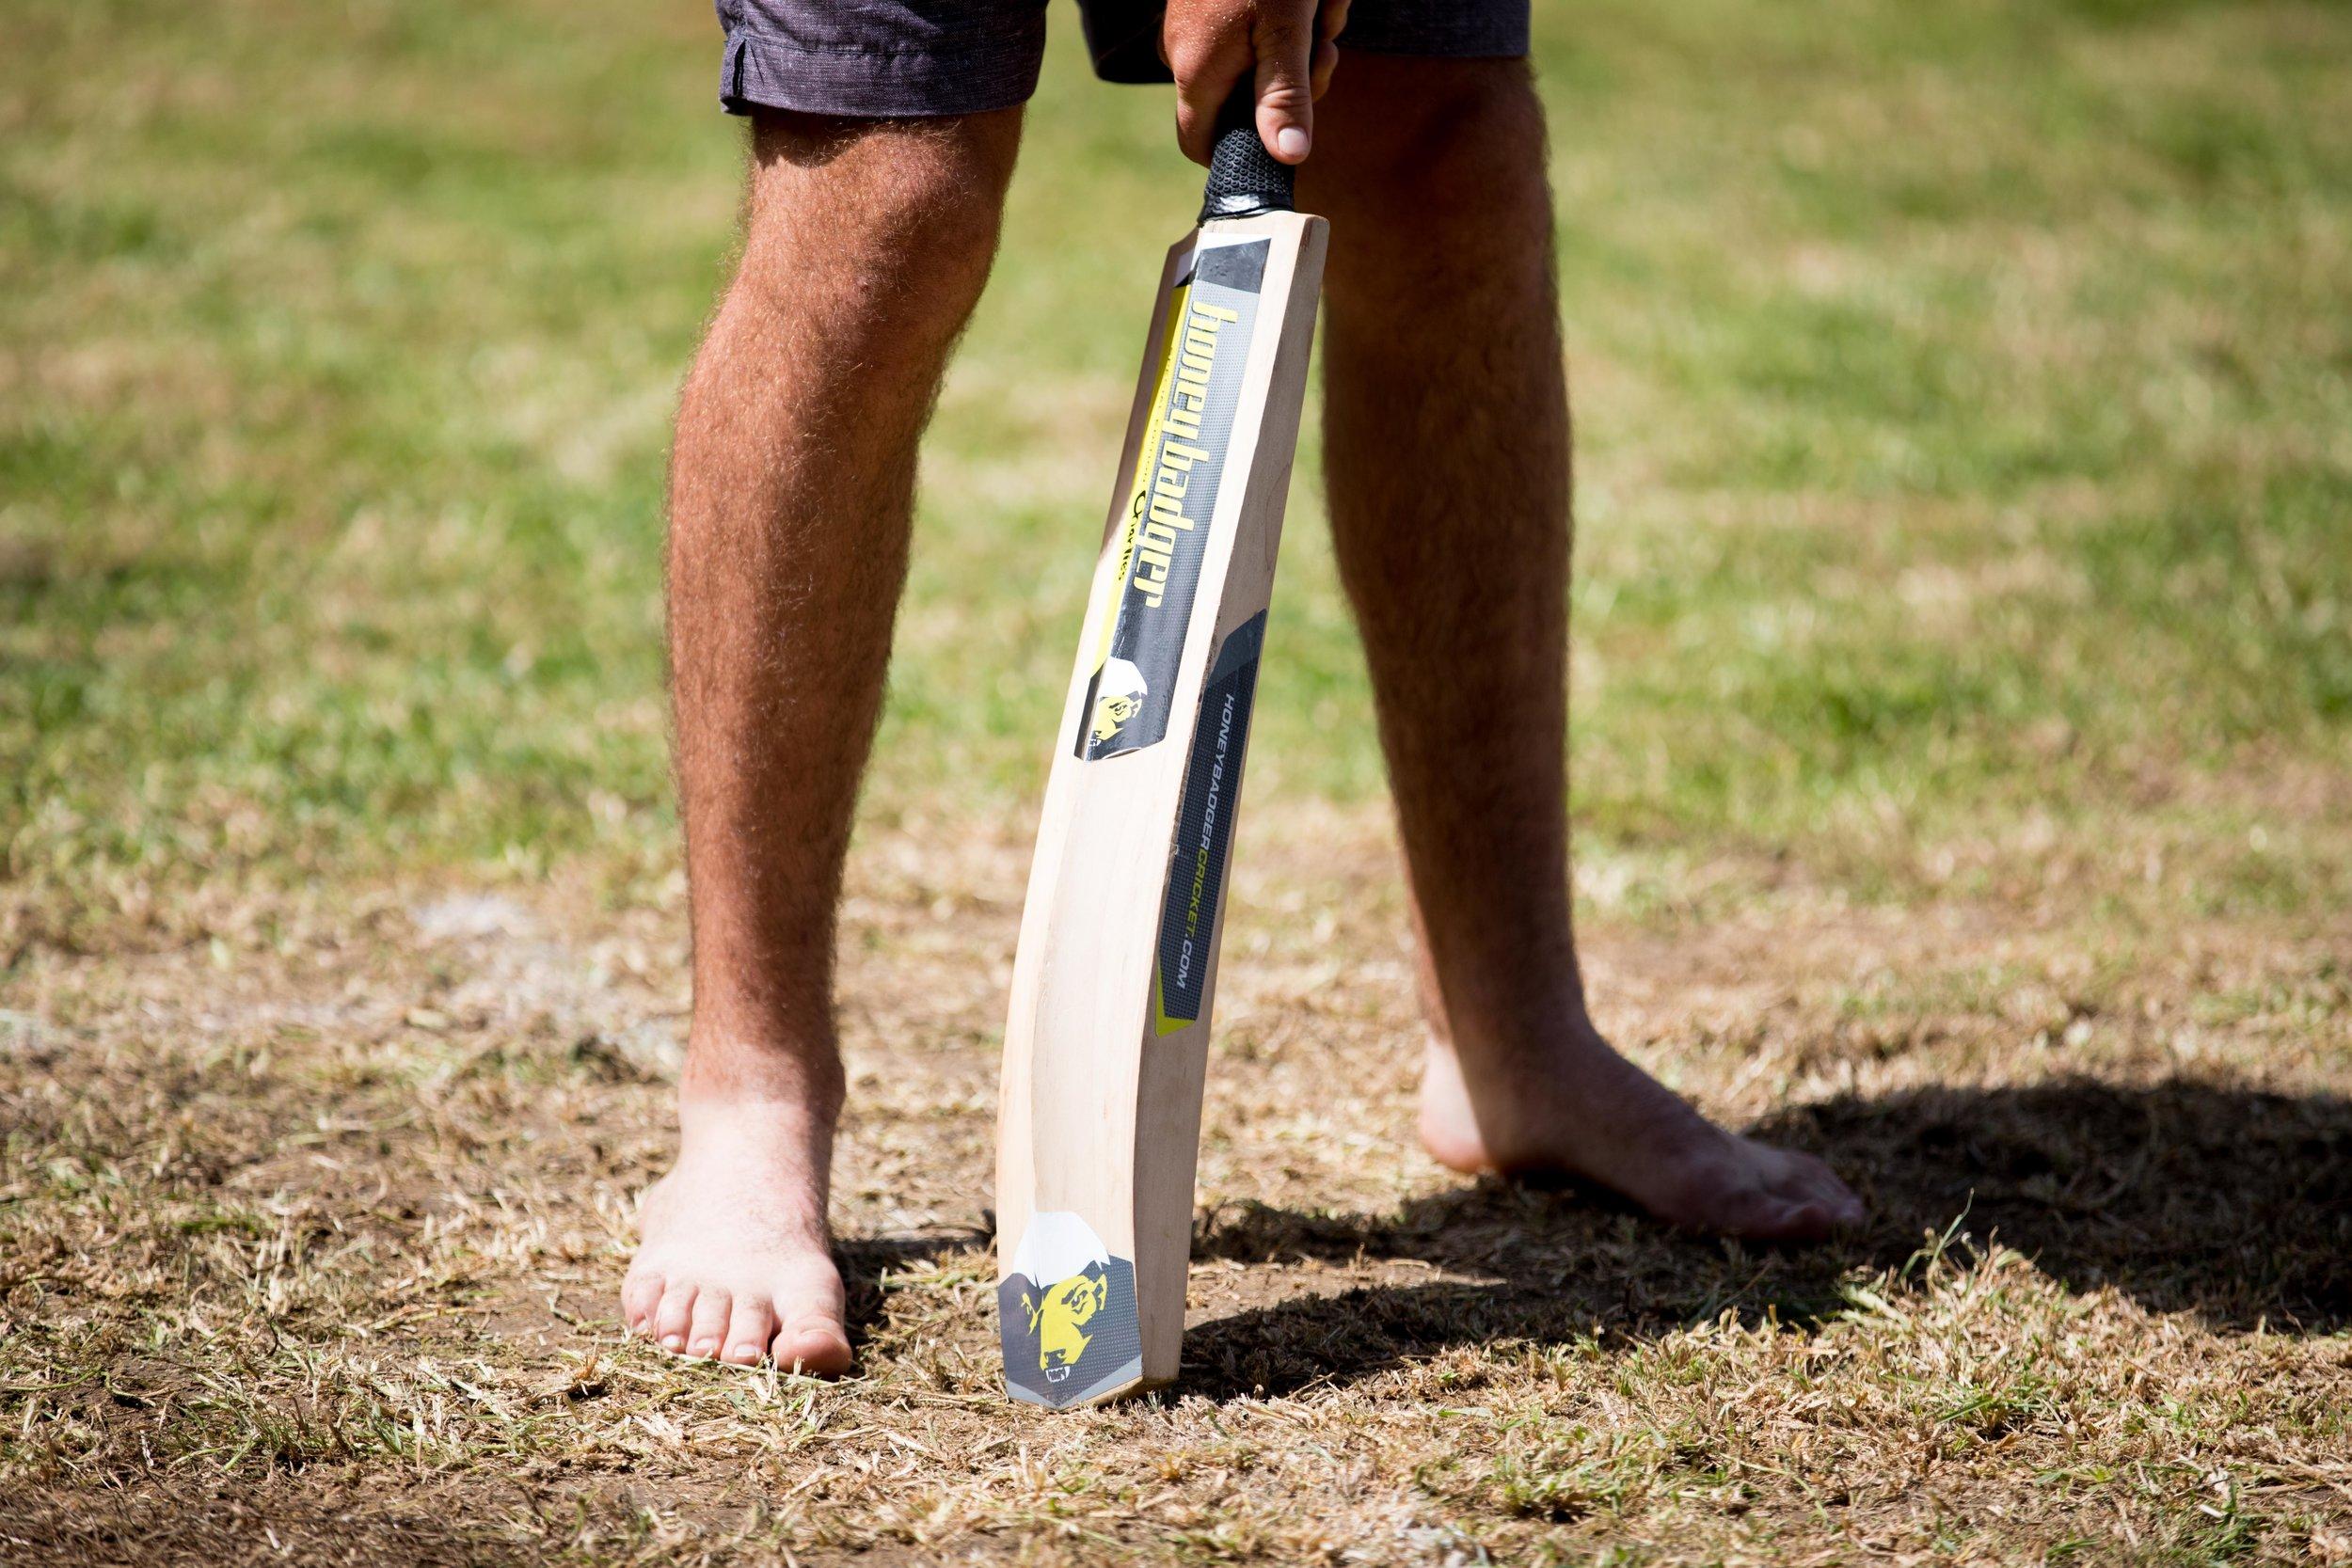 backyard-cricket.jpg